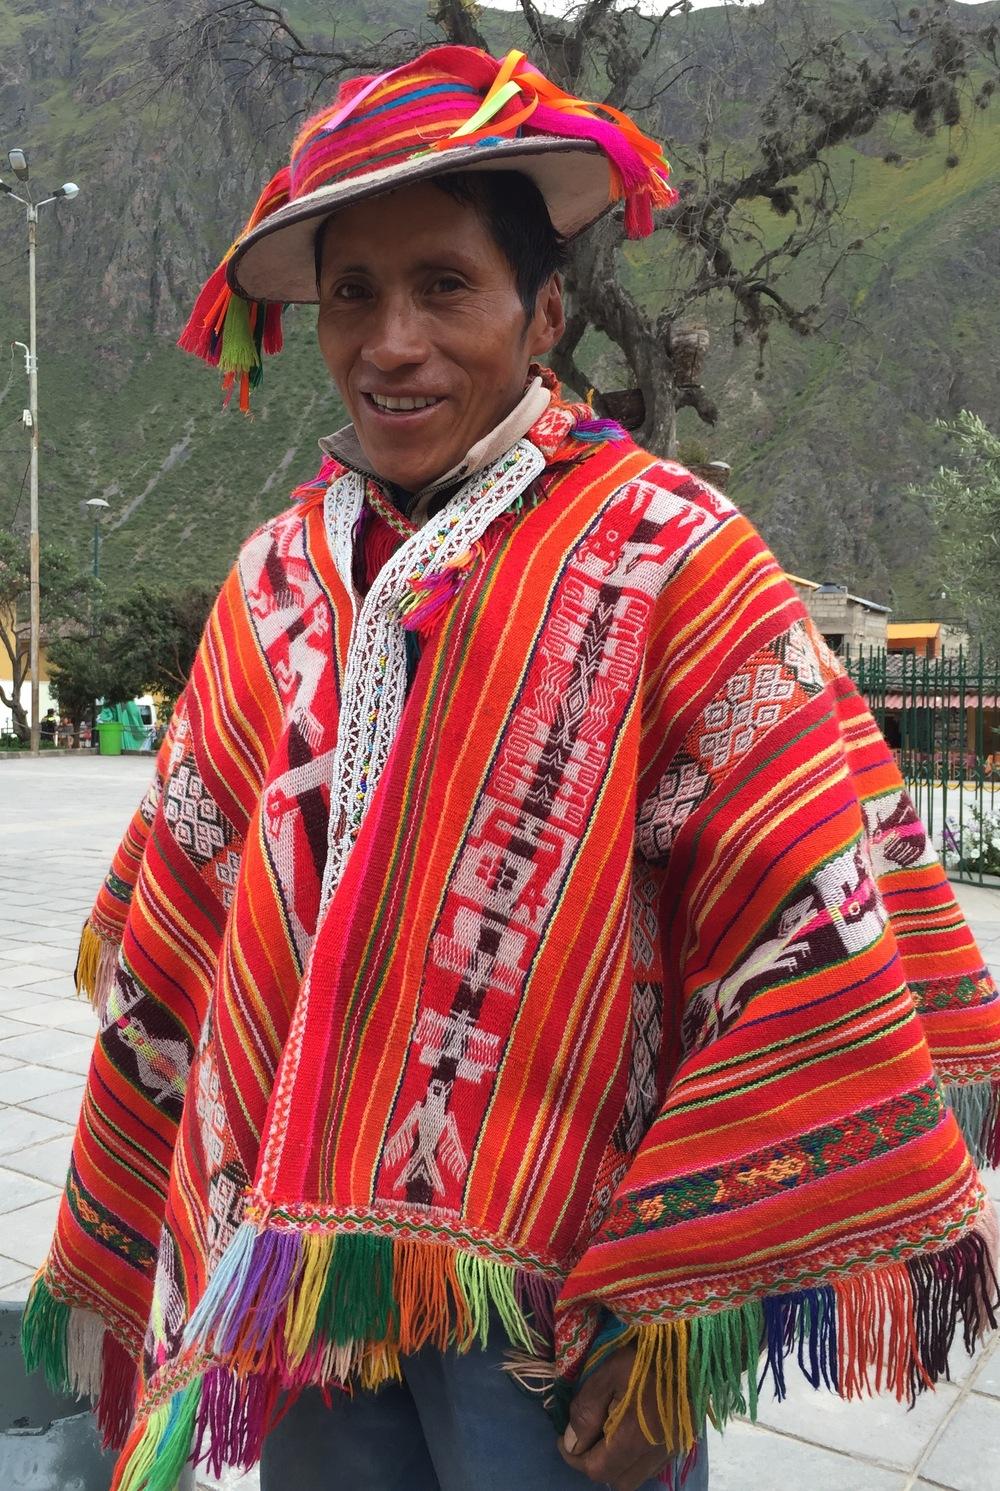 Mann i fargerik poncho og tovet hatt. Inkaenes hellige kondor går igjen blant symbolene som er vevet inn, men også mange andre dyr.